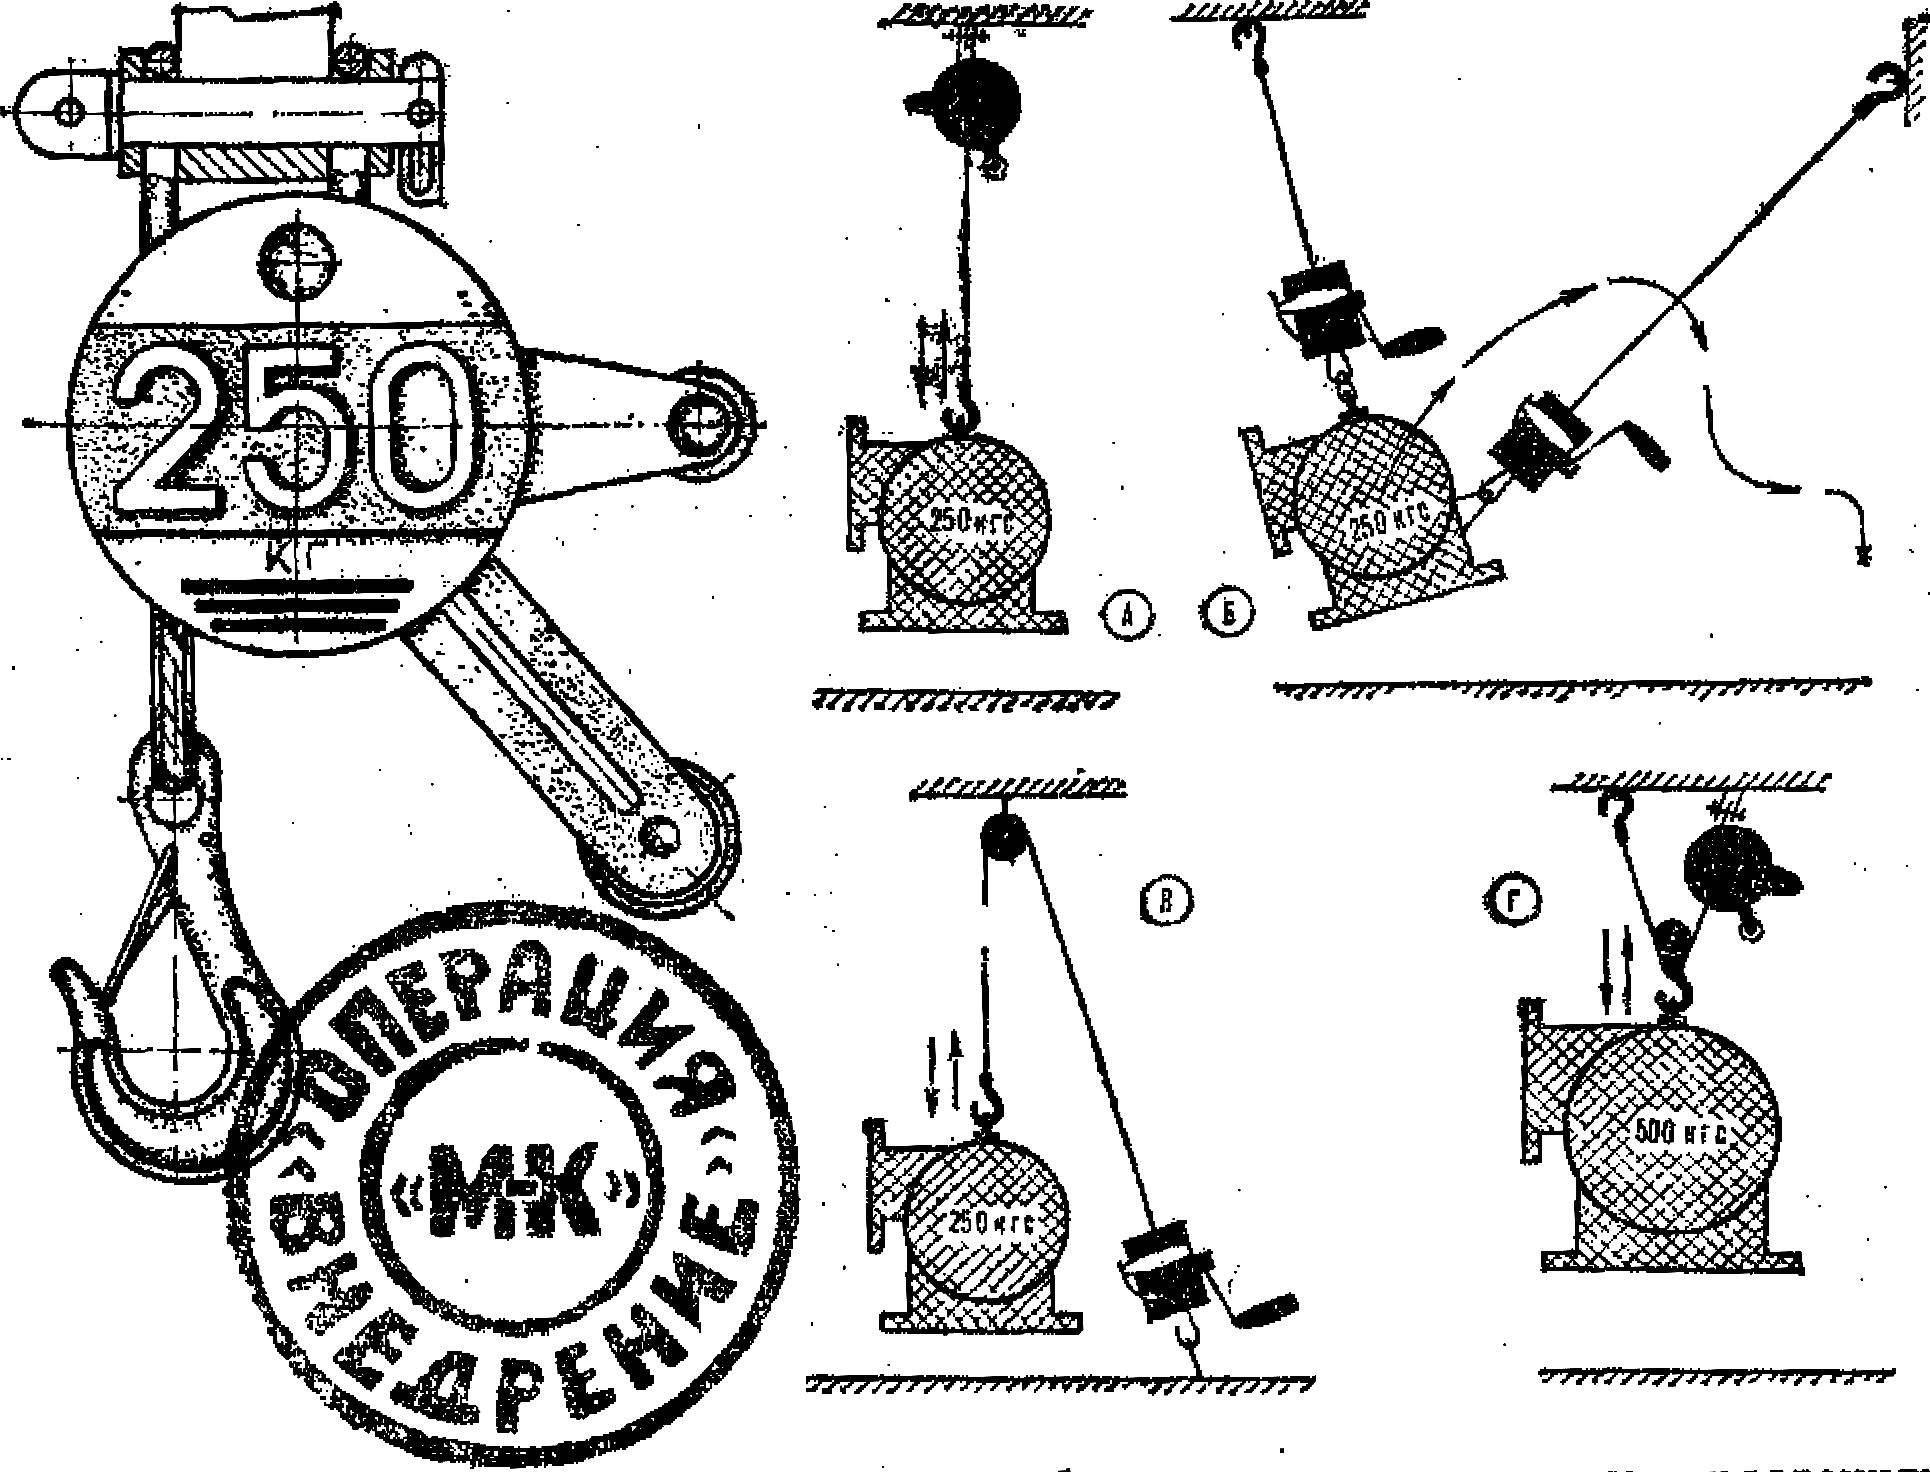 Рис. 1. Малогабаритная монтажная лебедка и варианты ее использования: